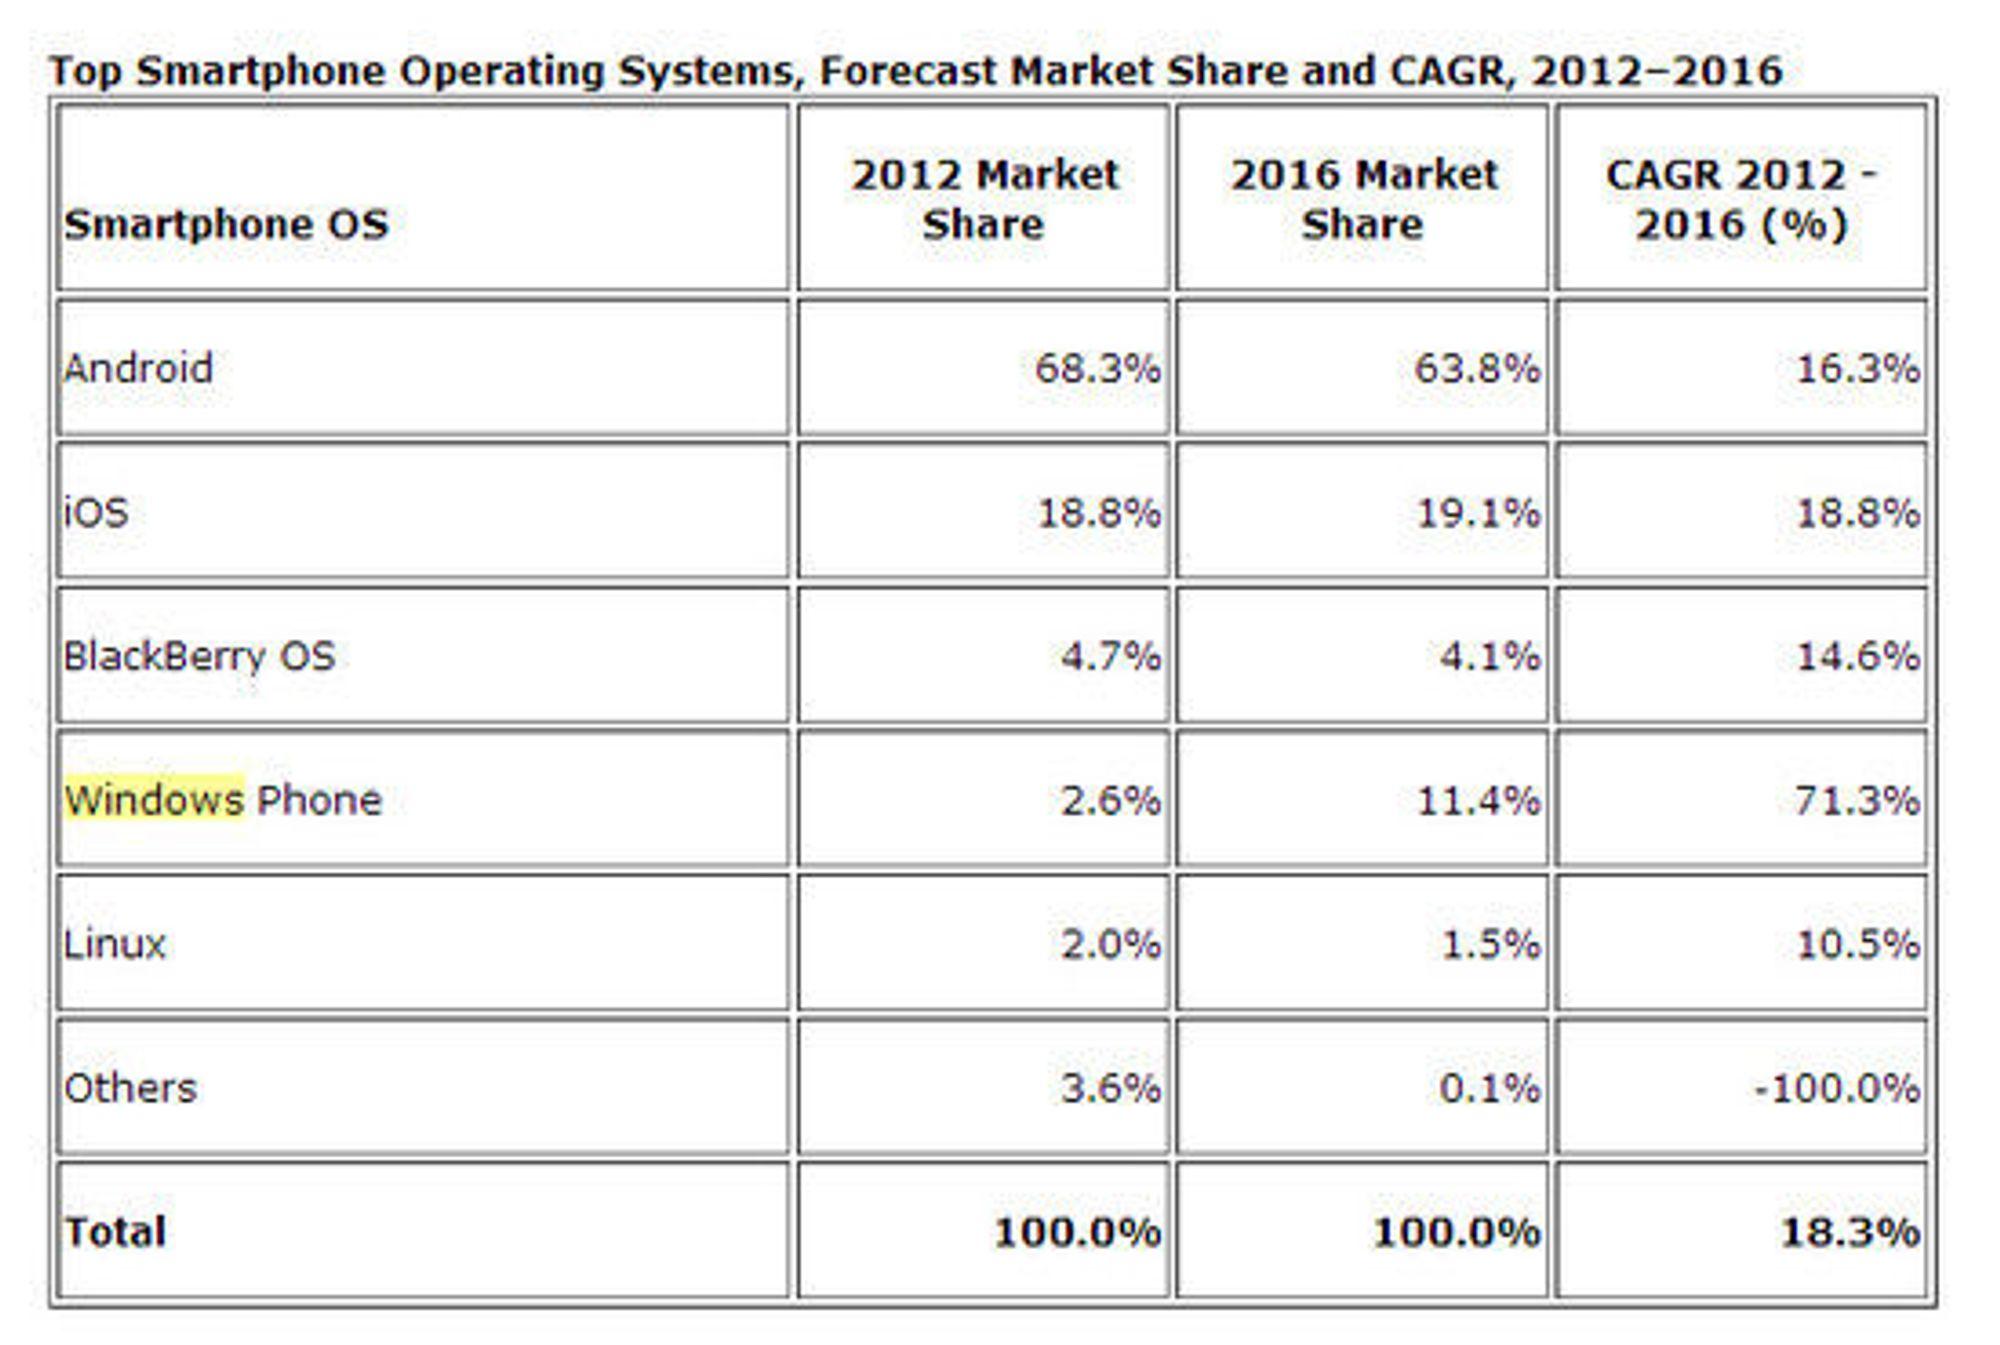 IDC oppdaterte prognose for smartmobilmarkedet for perioden 2012 til og med 2016.